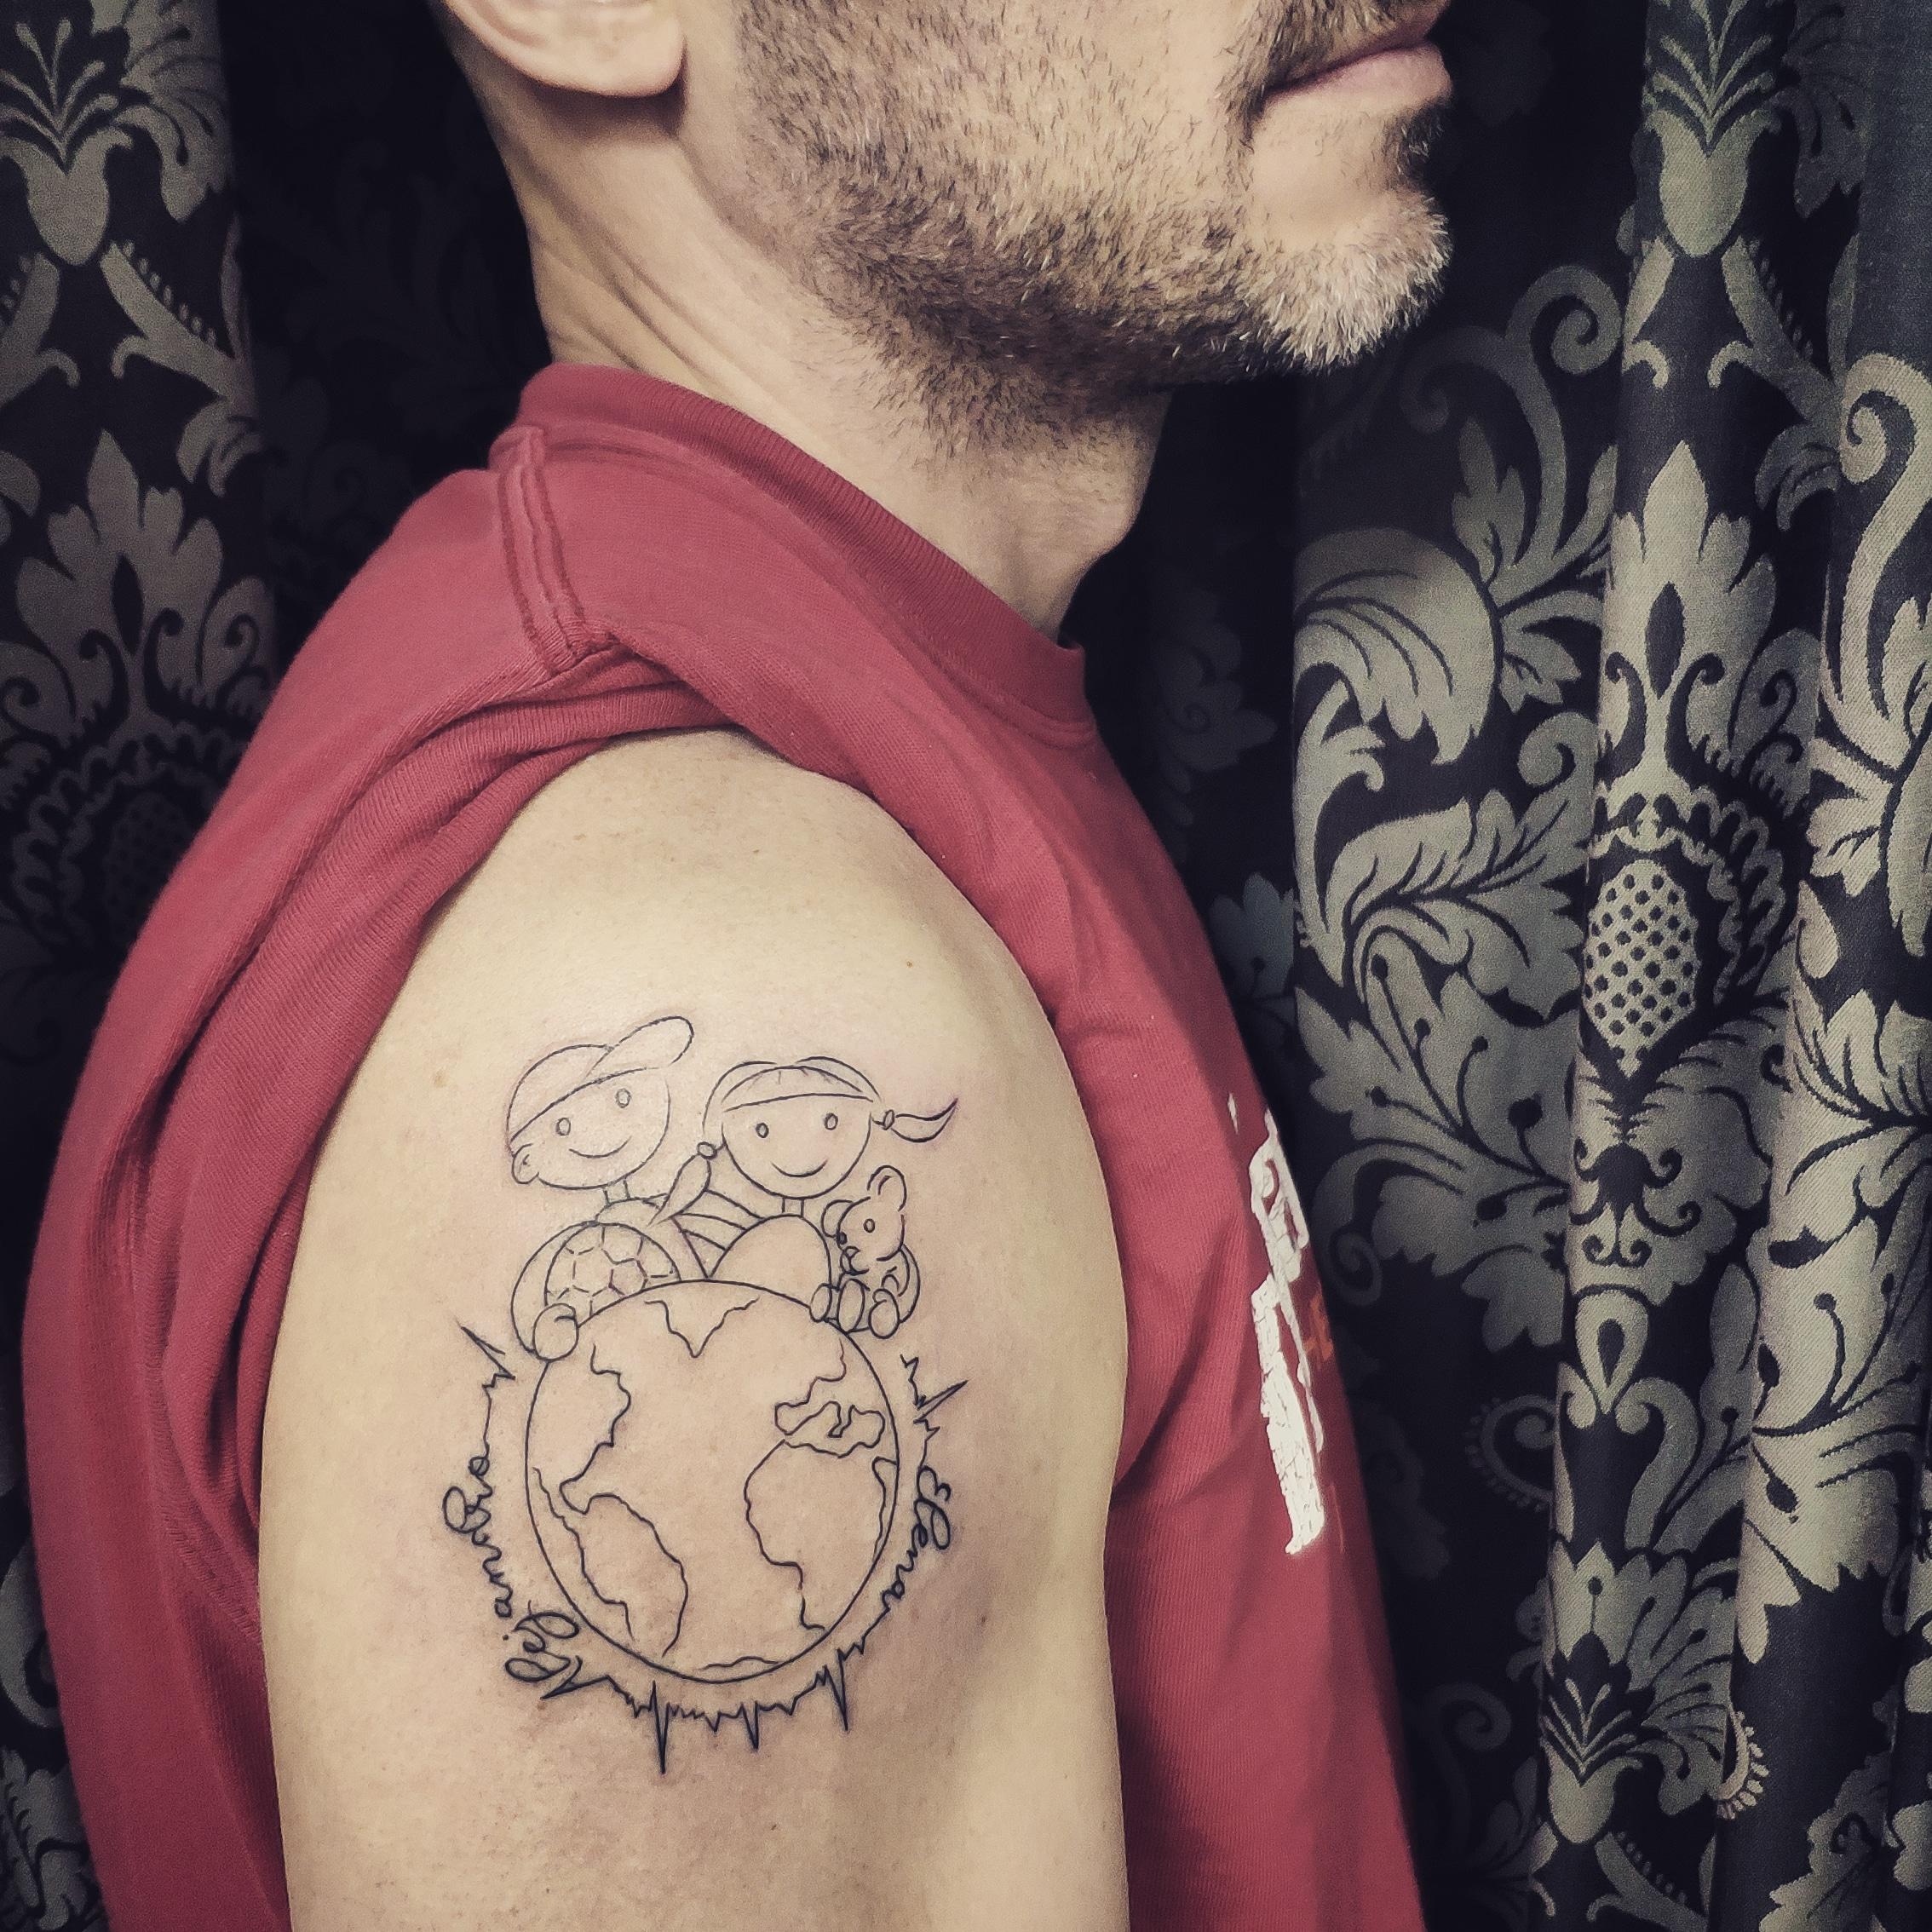 geometria, tatuajegeometrico, madridtattoo, tattooshopmadrid, geometrictattoo, lineamuyfina, tatuajelineafina, finelinetattoo, fineline, hiperfineline, niñosmadrid